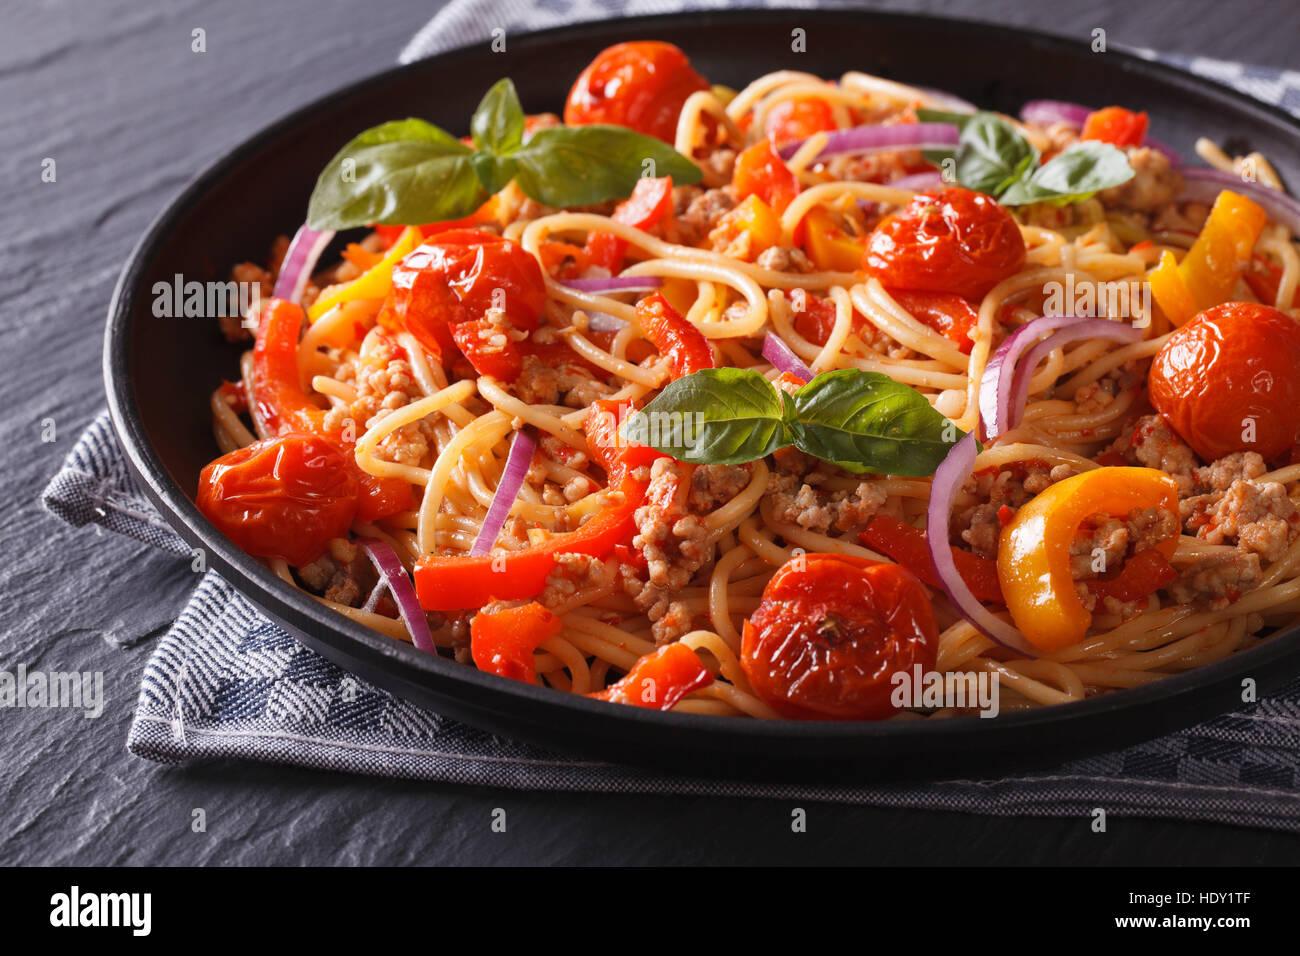 Italienische Küche: Pasta mit gehacktem Fleisch und Gemüse Nahaufnahme. horizontale Stockbild